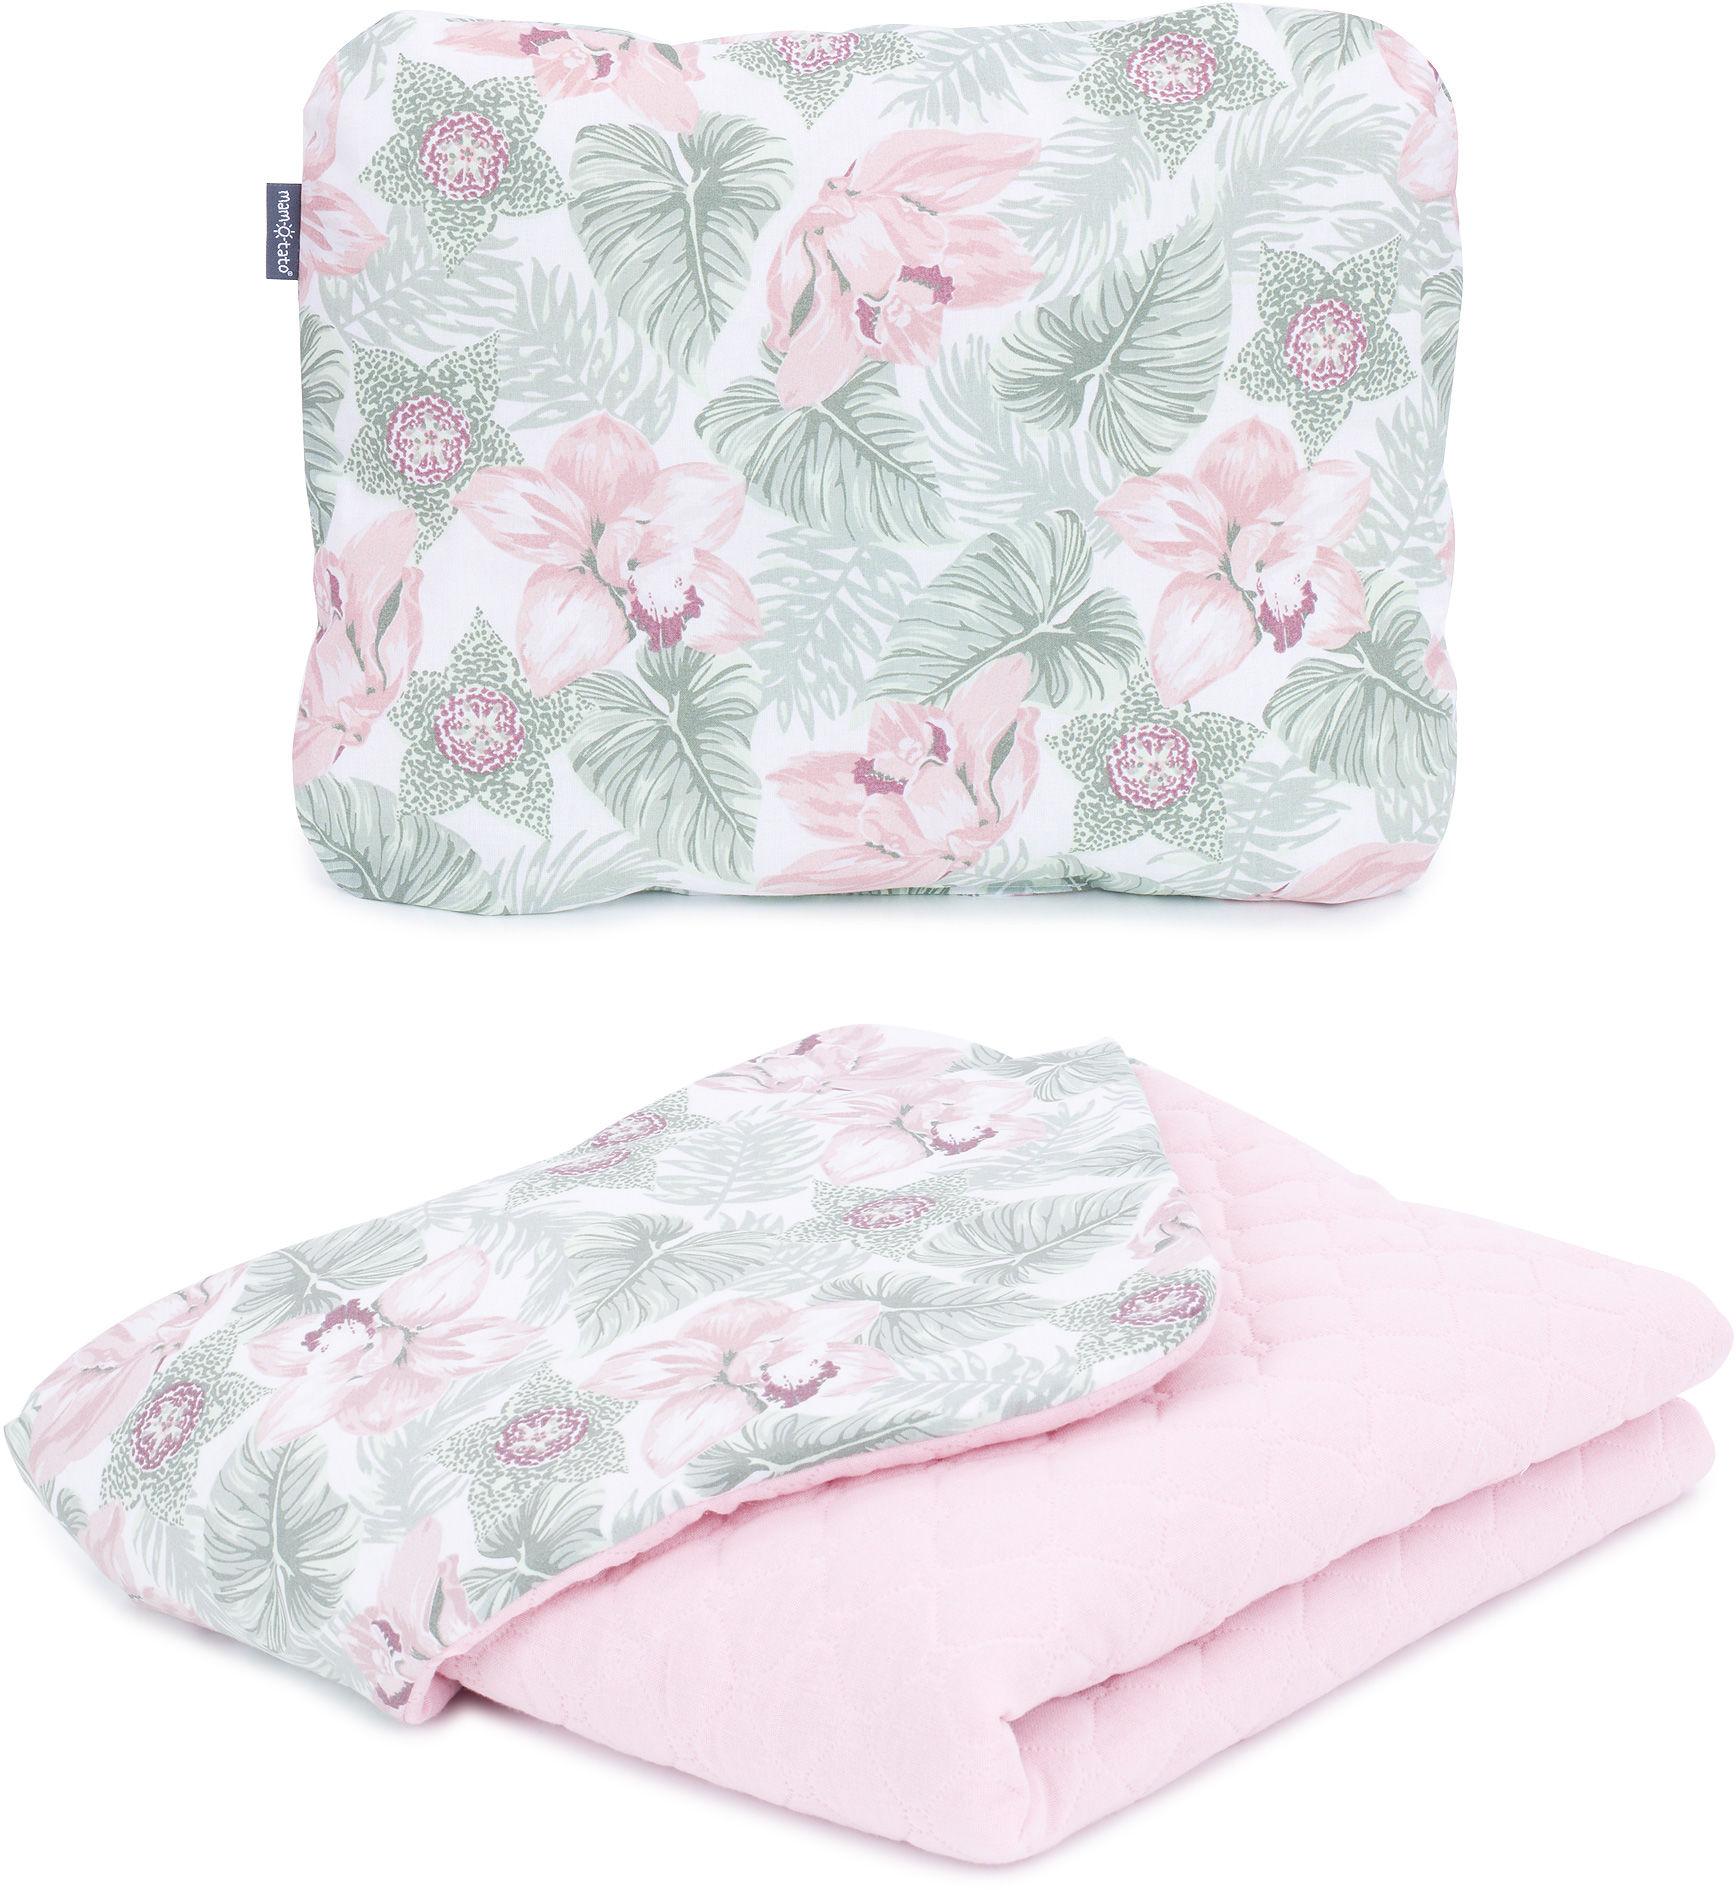 MAMO-TATO KOMPLET Kocyk dla dzieci i niemowląt 75x100 - MUŚLIN PIK + poduszka - Kwiaty w liściach / jasny róż - ocieplony